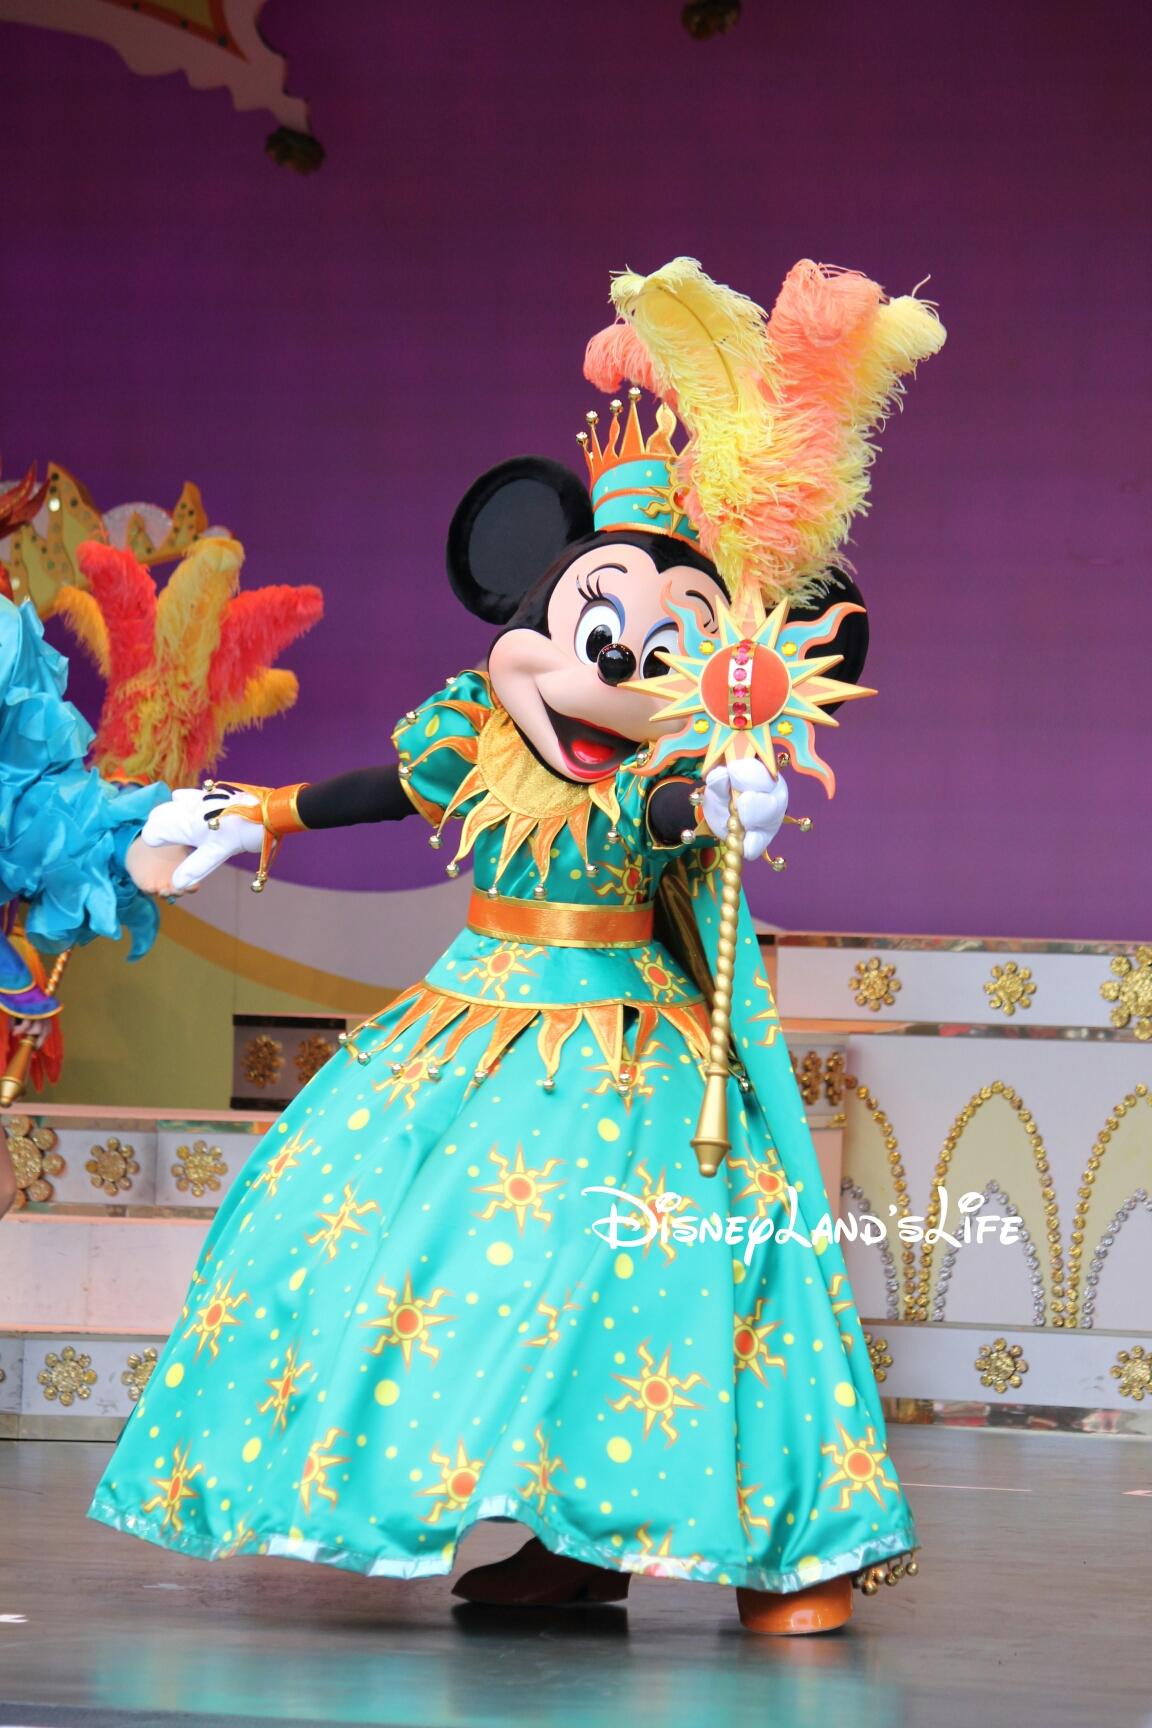 MinnieOh!Minnie_ミニー003.jpg